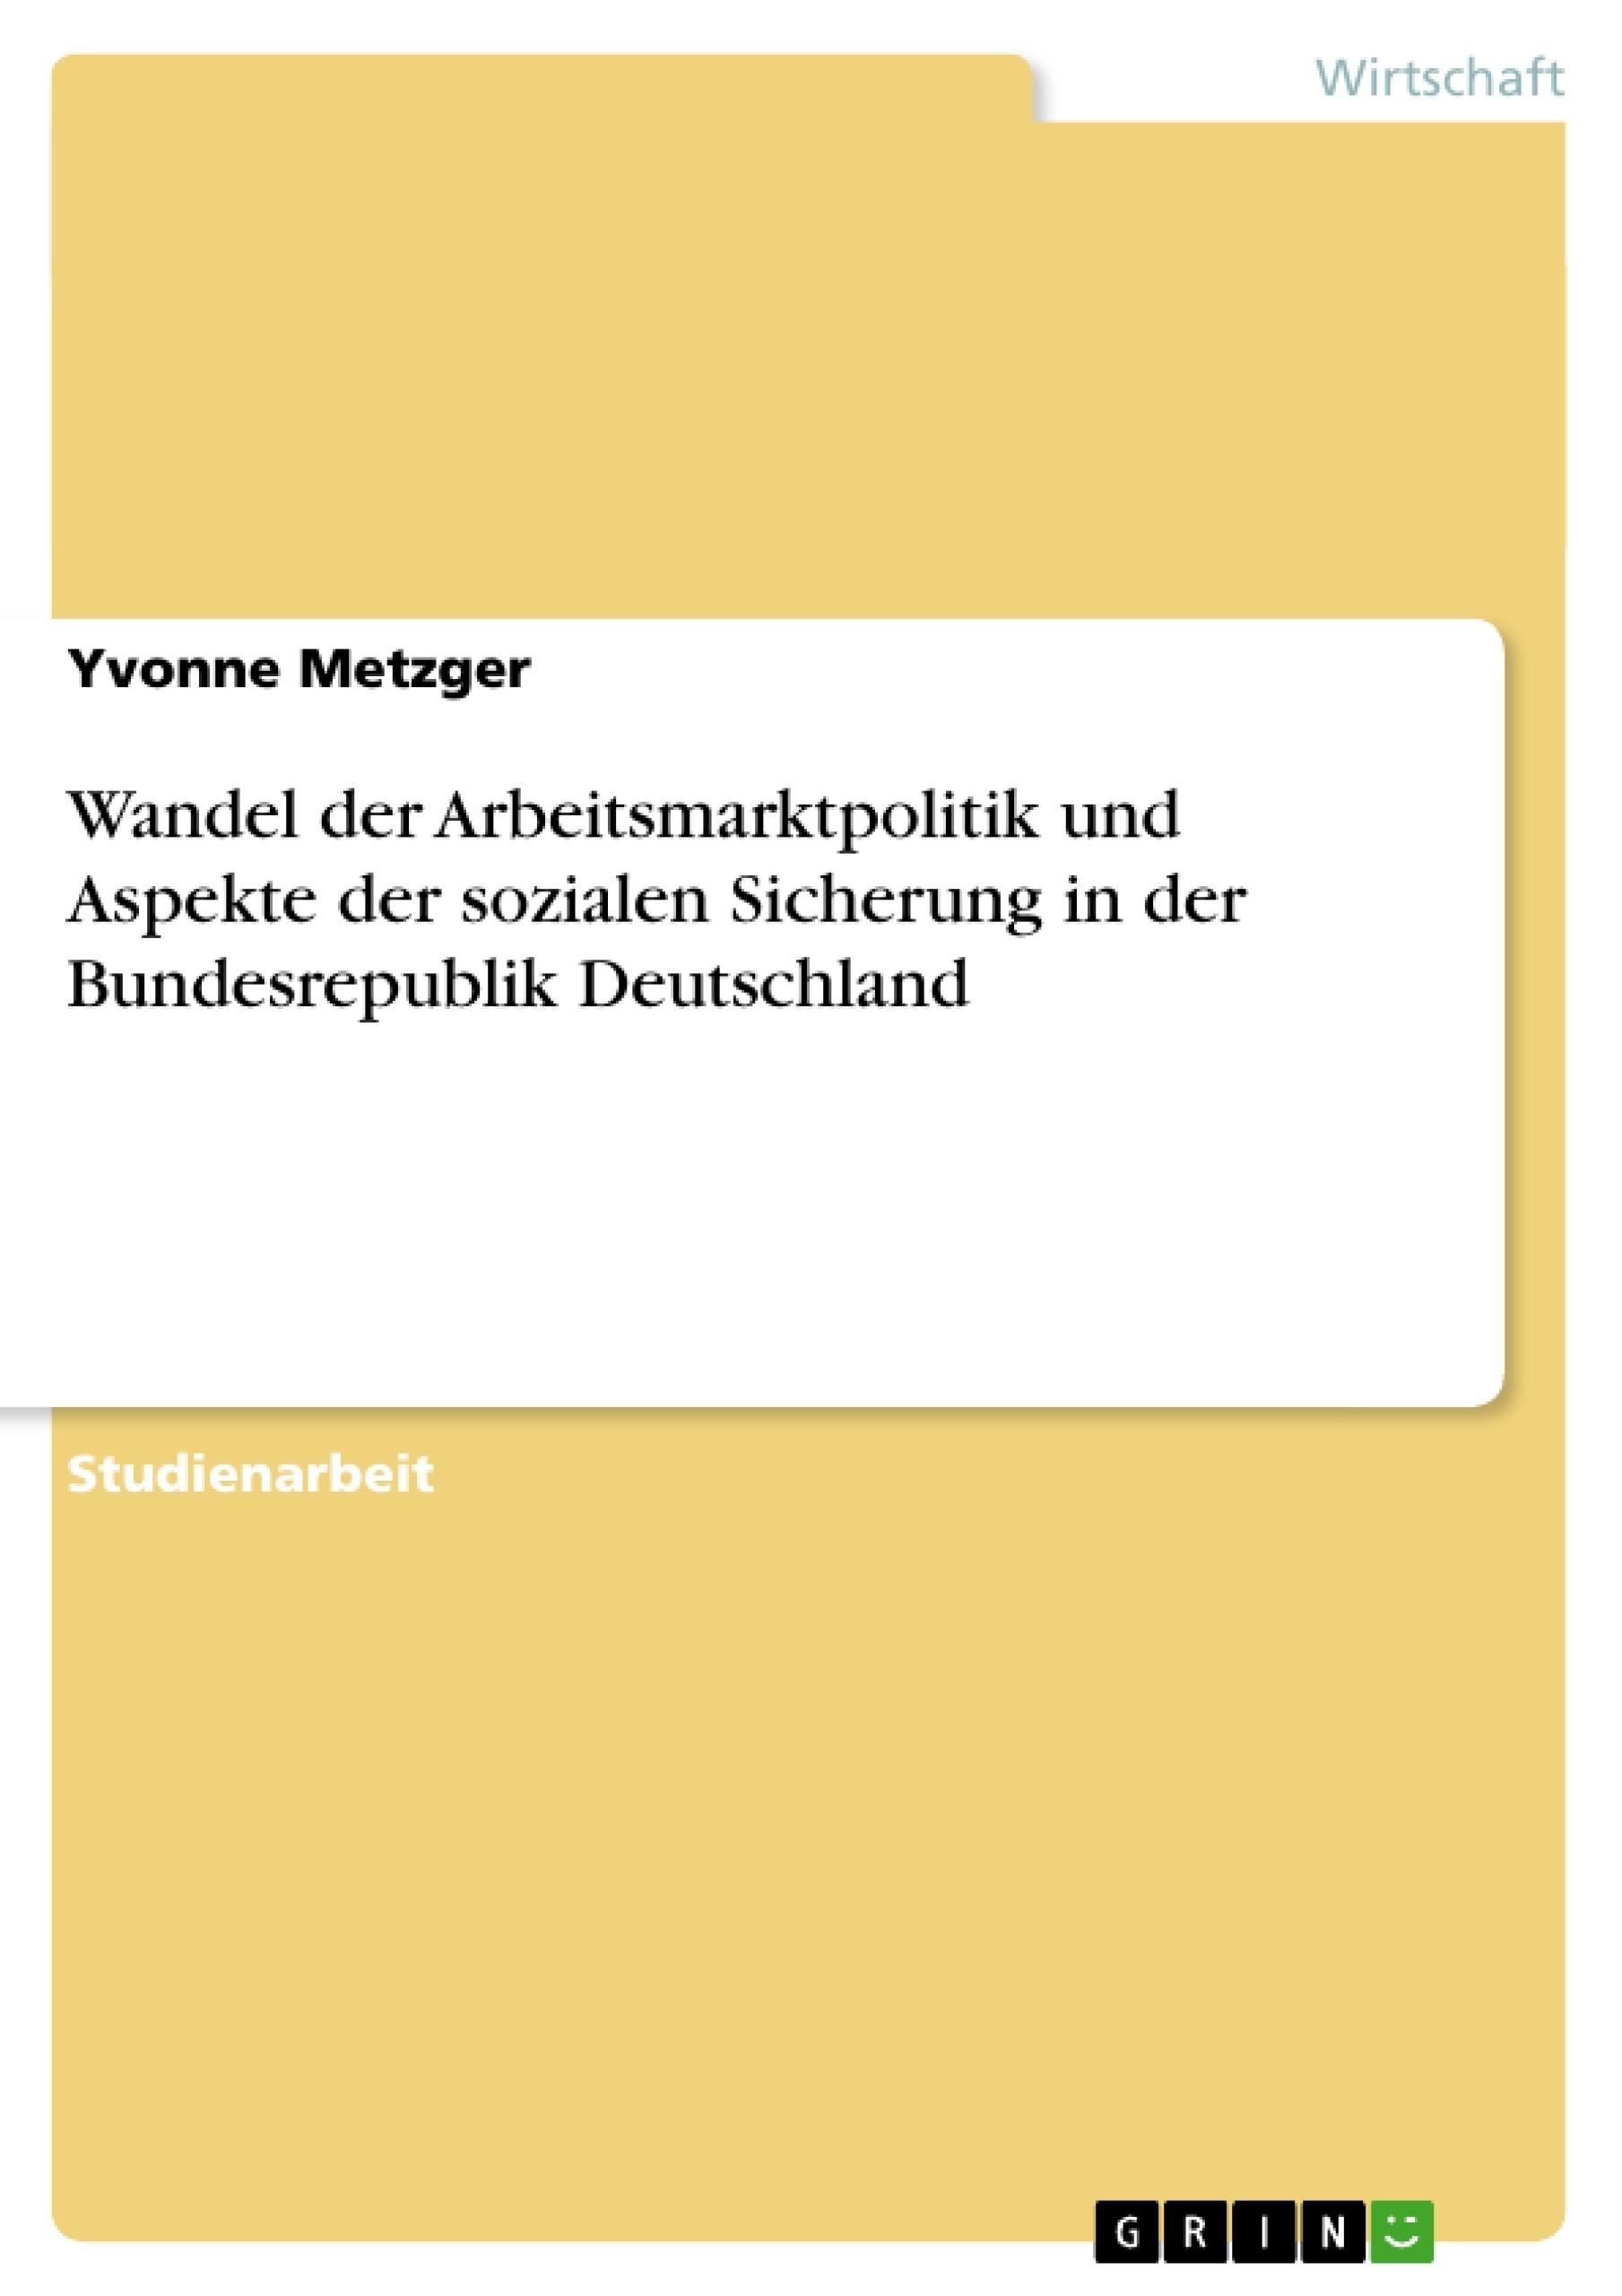 Titel: Wandel der Arbeitsmarktpolitik und Aspekte der sozialen Sicherung in der Bundesrepublik Deutschland